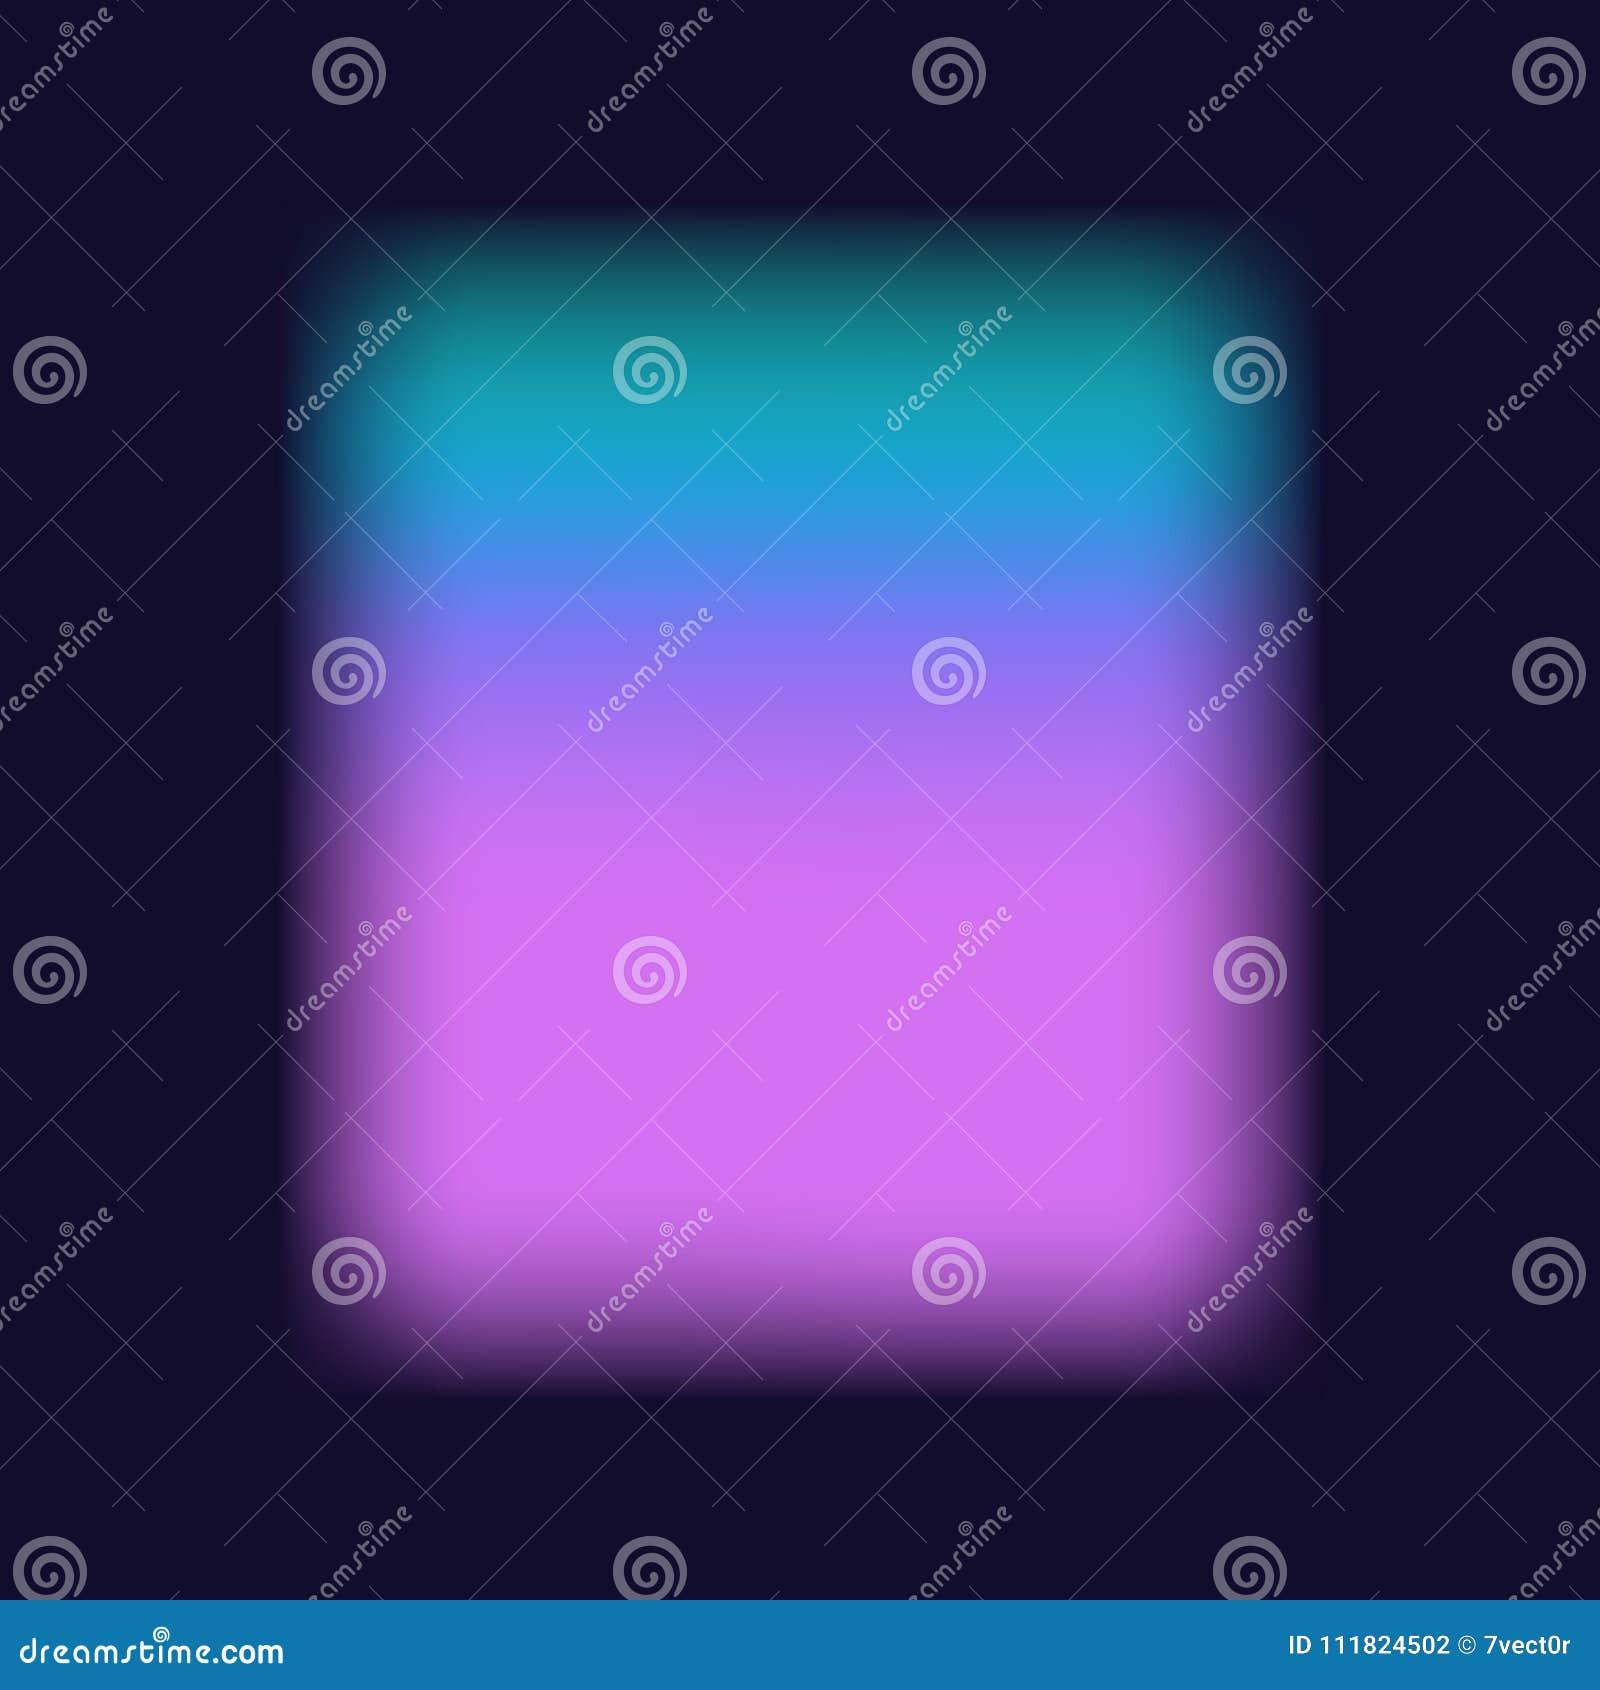 被弄脏的软的充满活力的桃红色紫色tuquoise色板显示光滑的梯度流程纹理